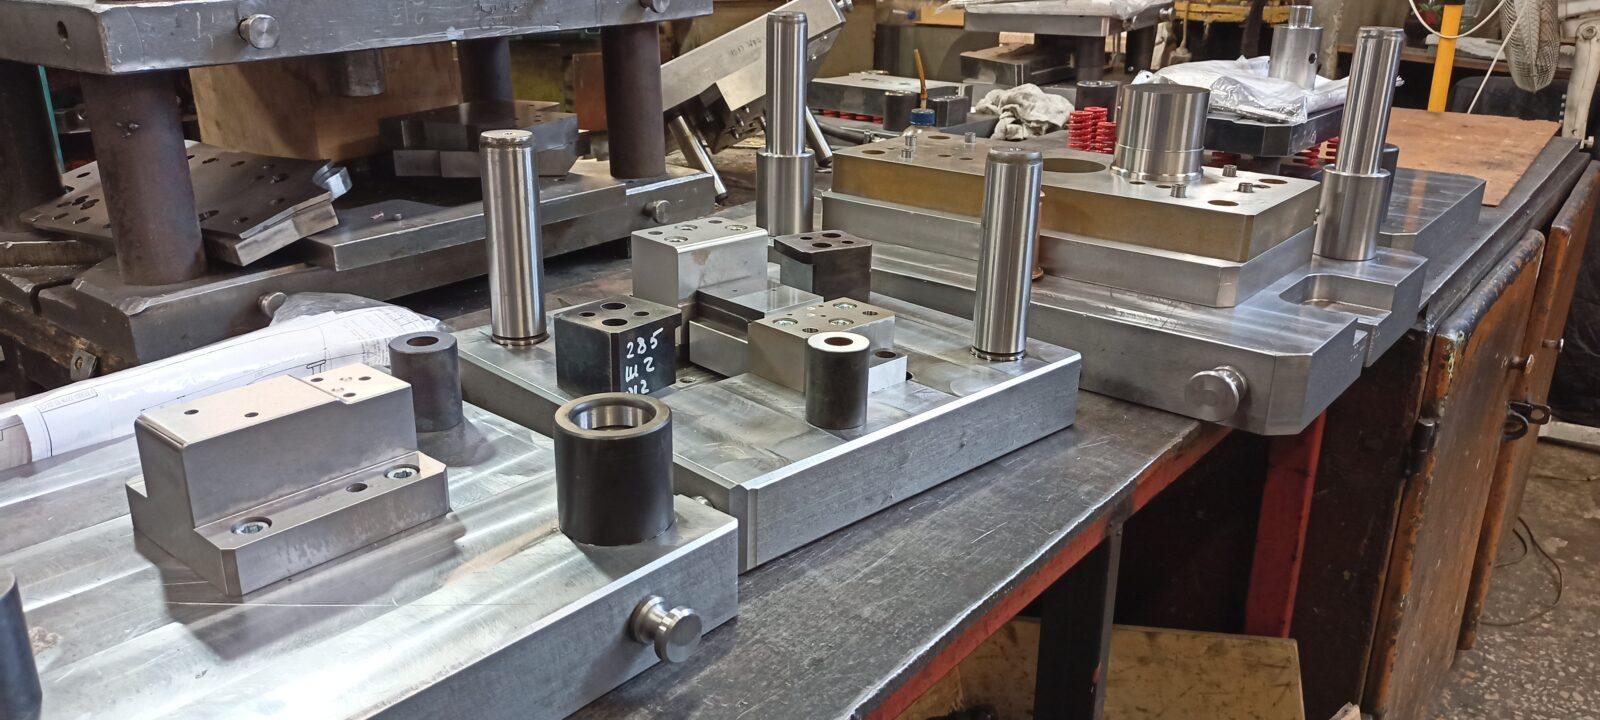 Обработка металлов давлением – ОМД: разновидности и особенности технологии